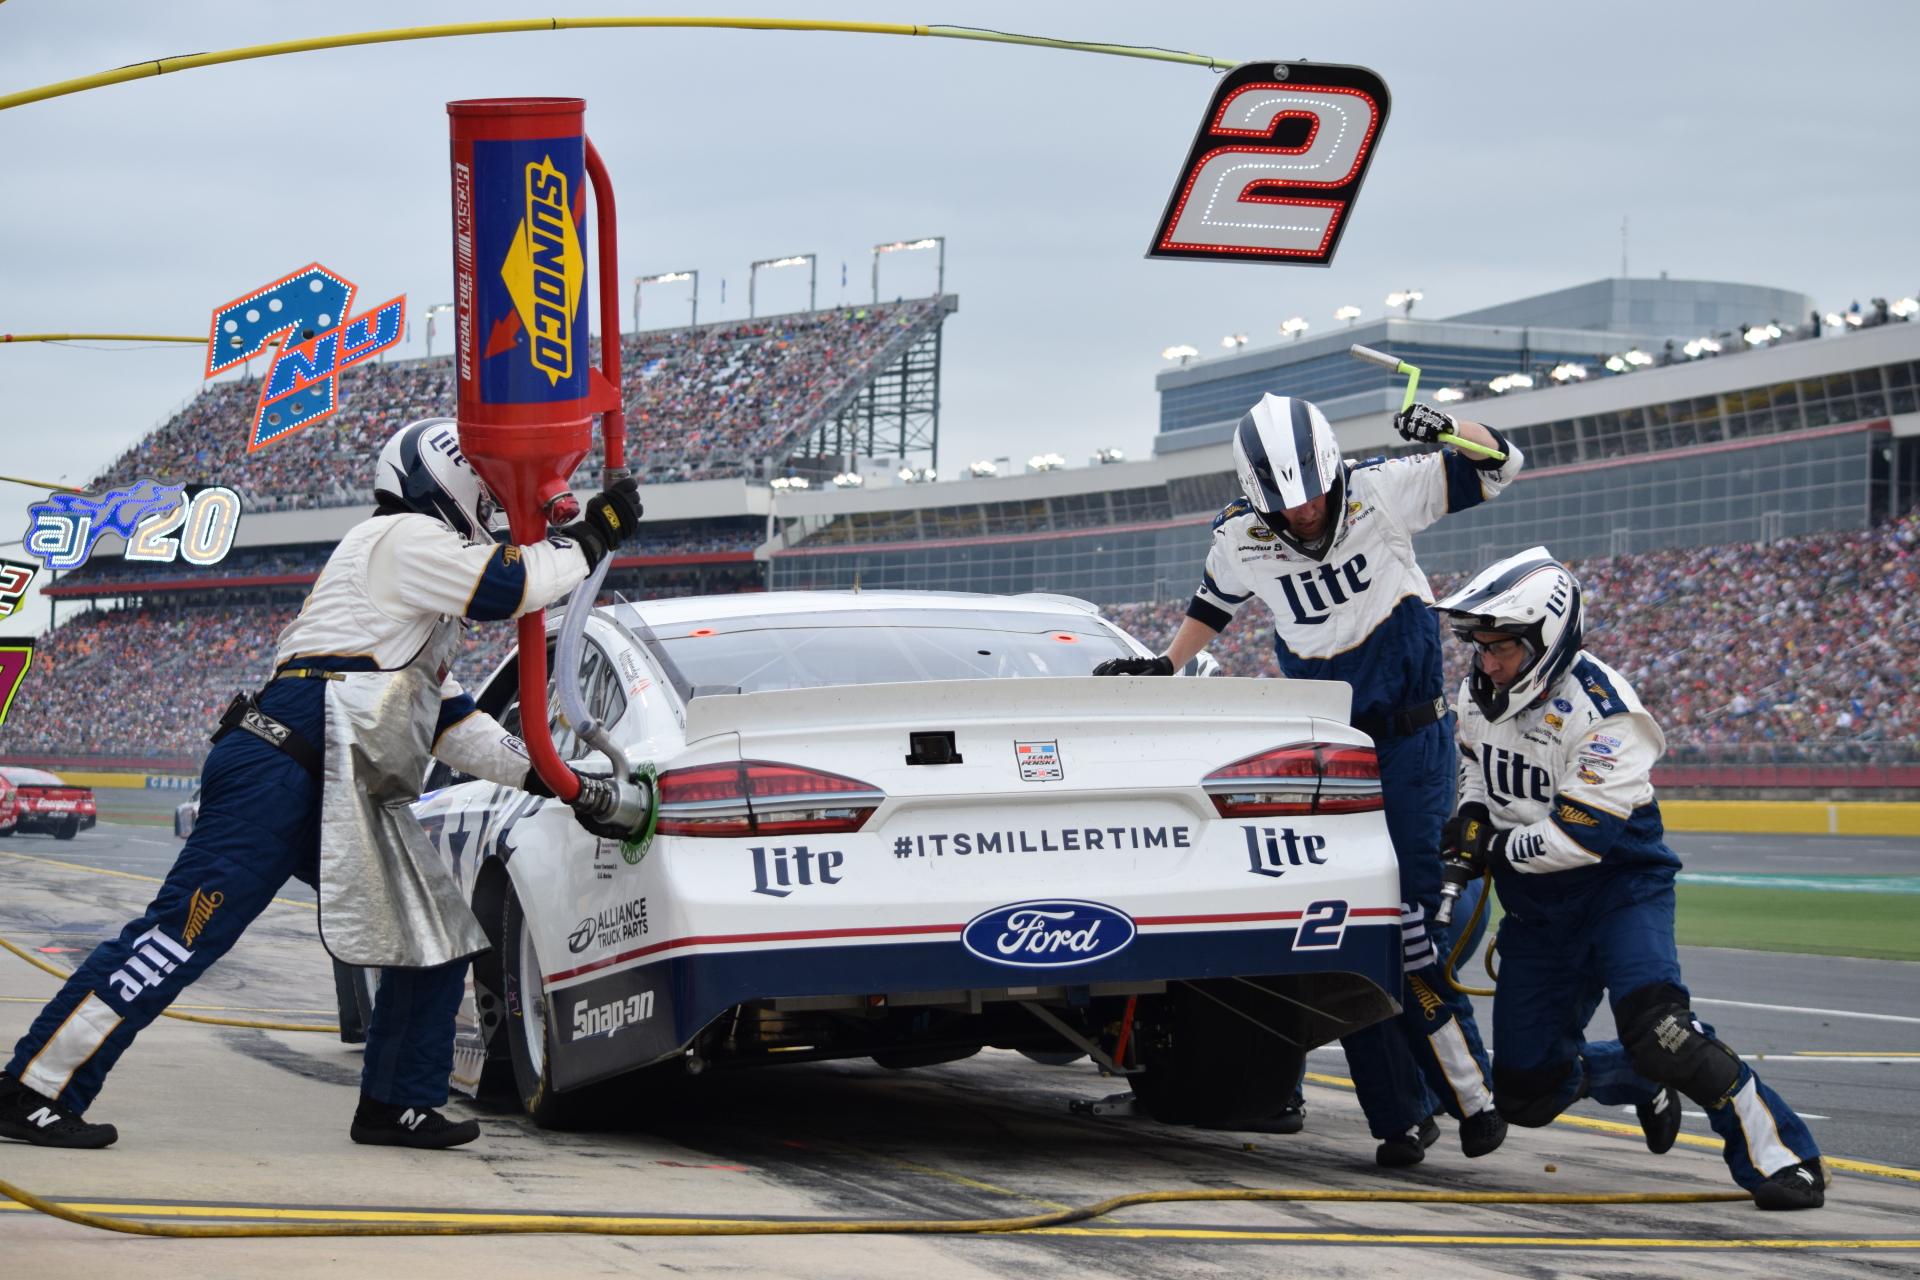 2 team - Charlotte Motor Speedway